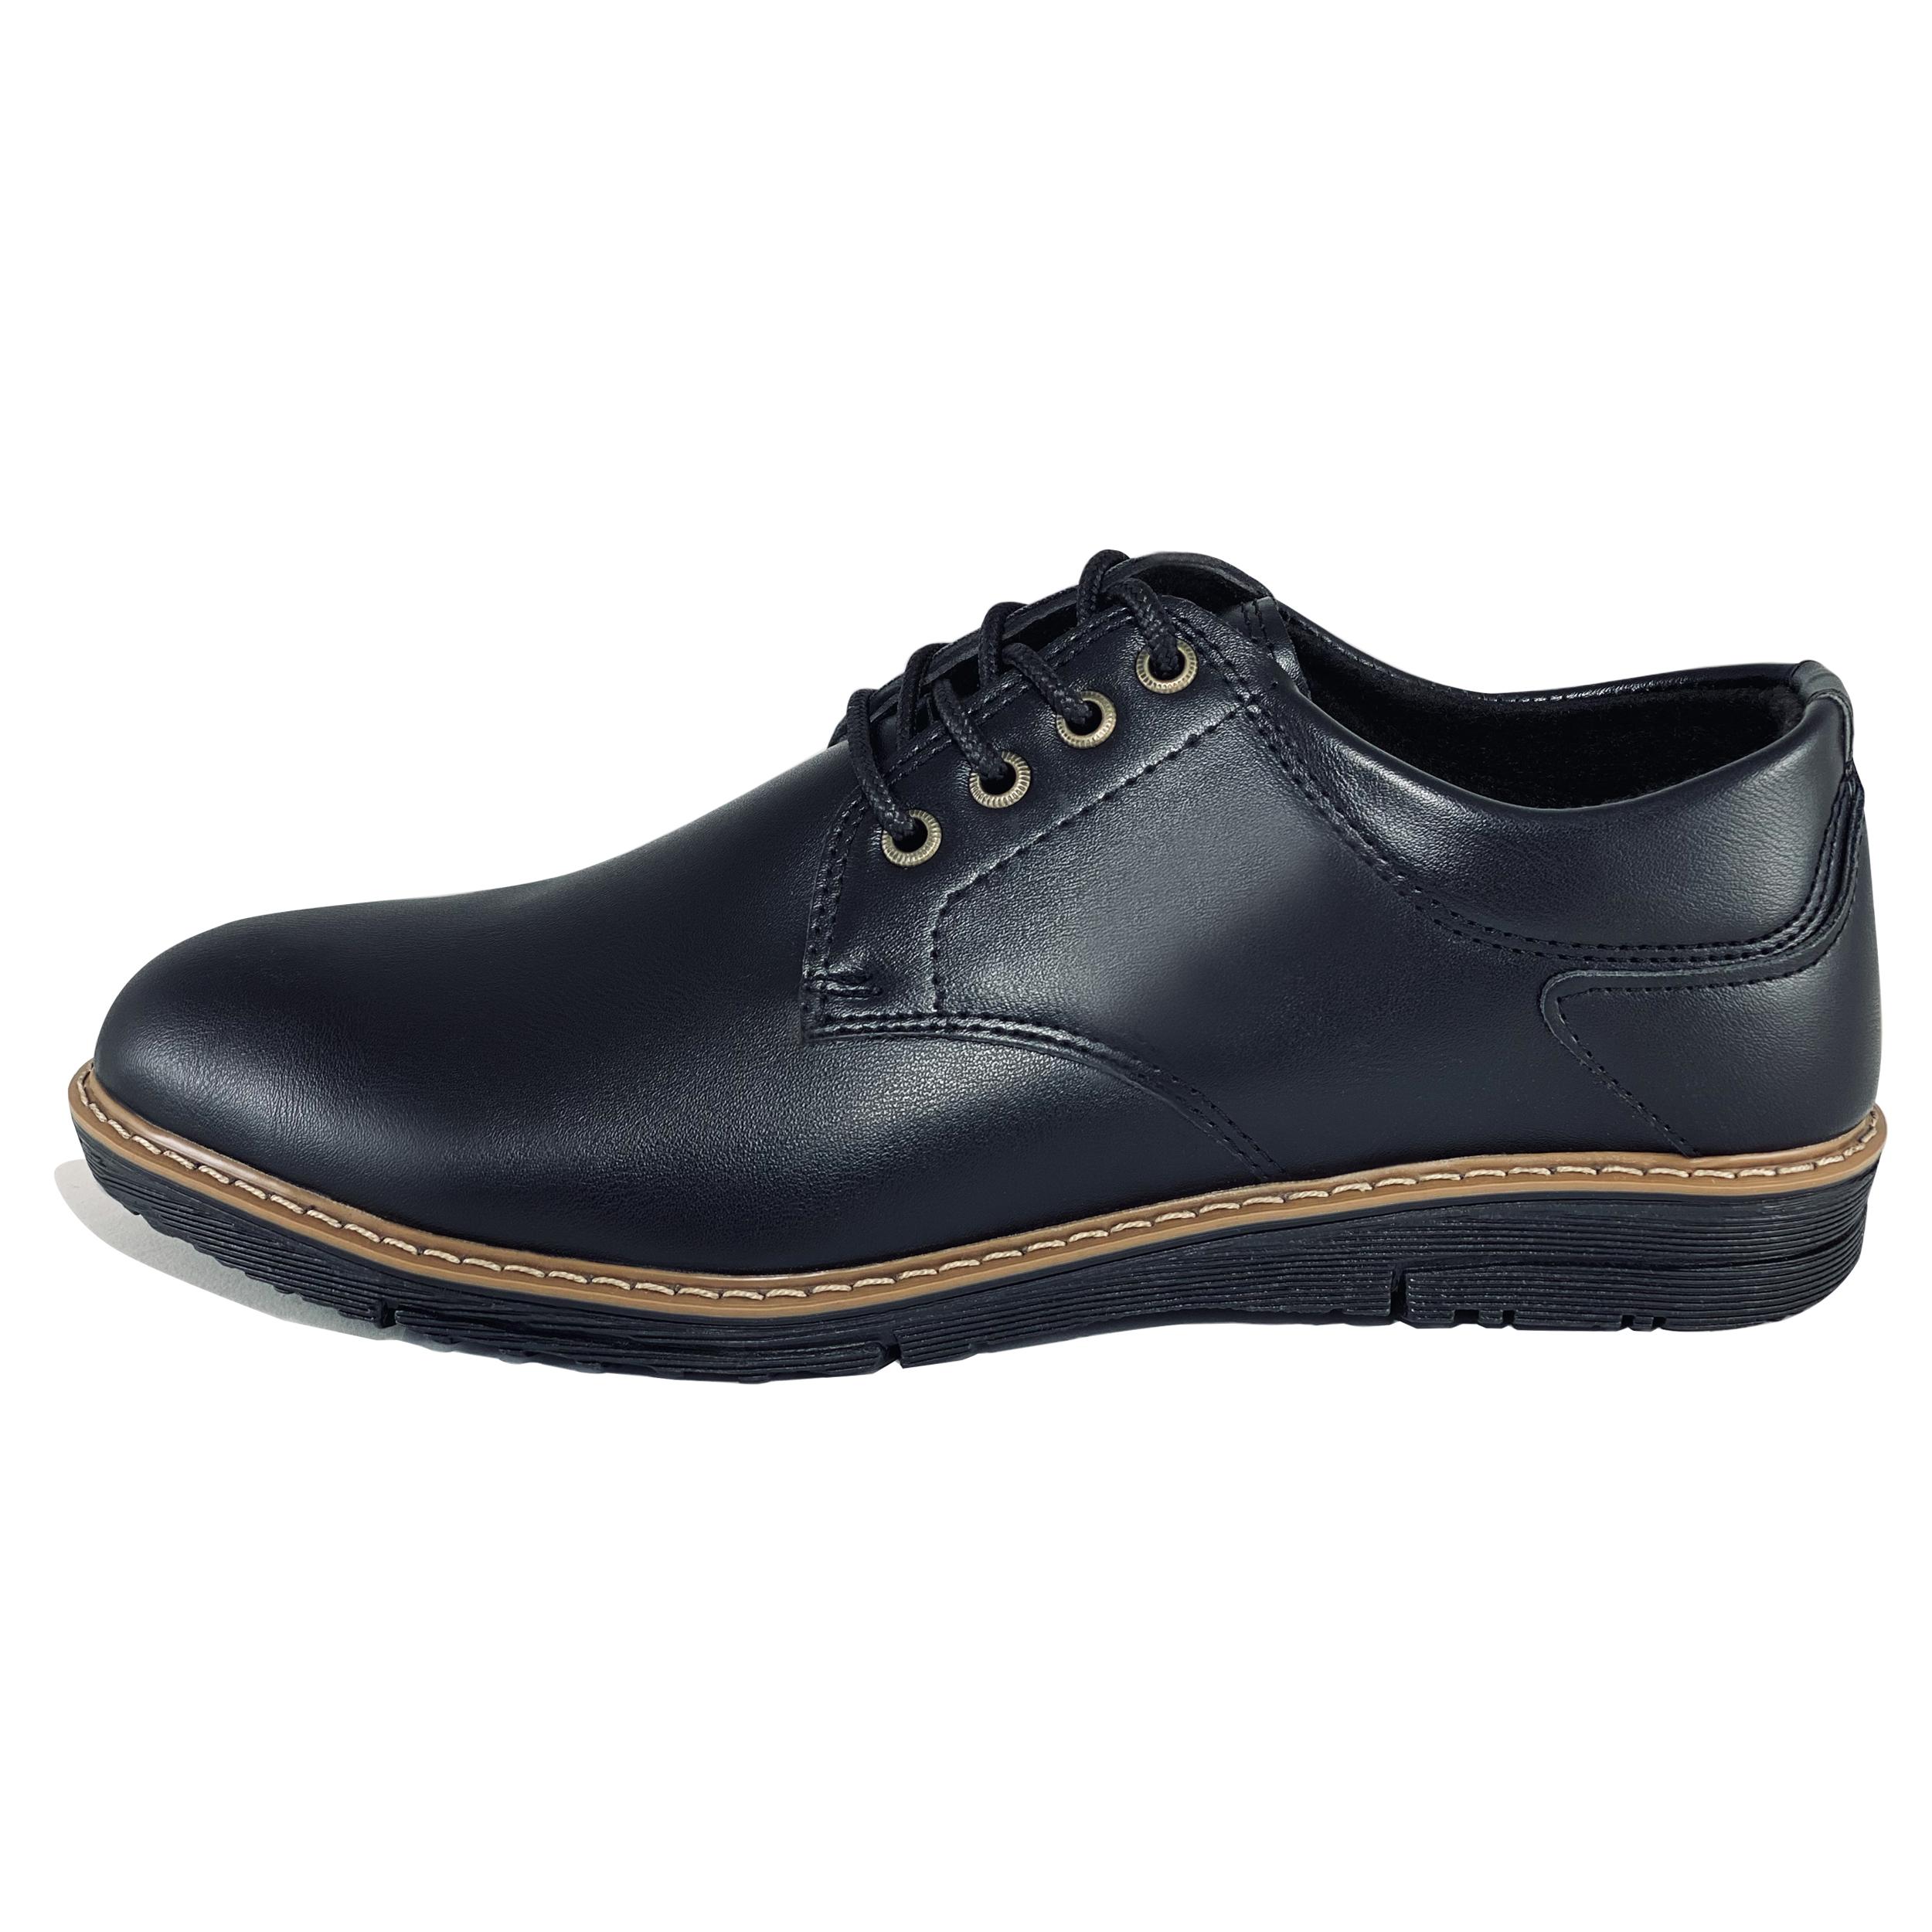 کفش روزمره مردانه مدل راکی ۴